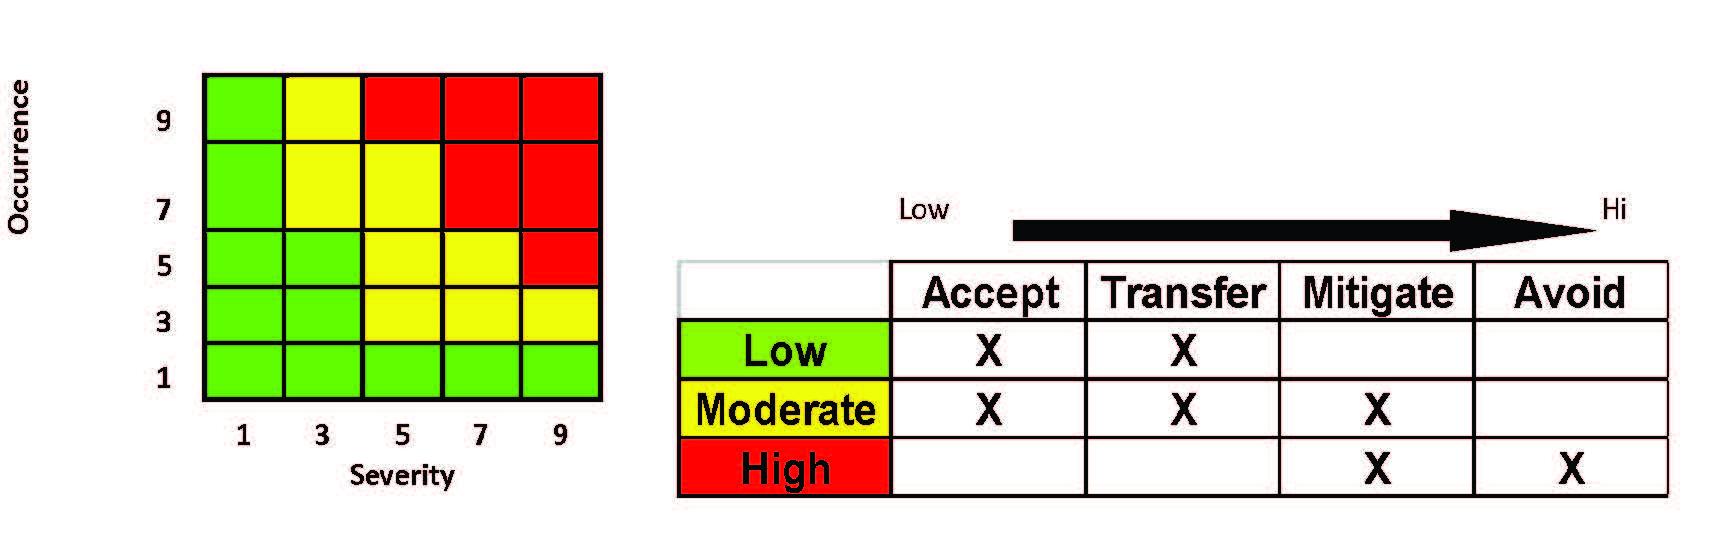 Maintenance Optimization Modeling FEMA